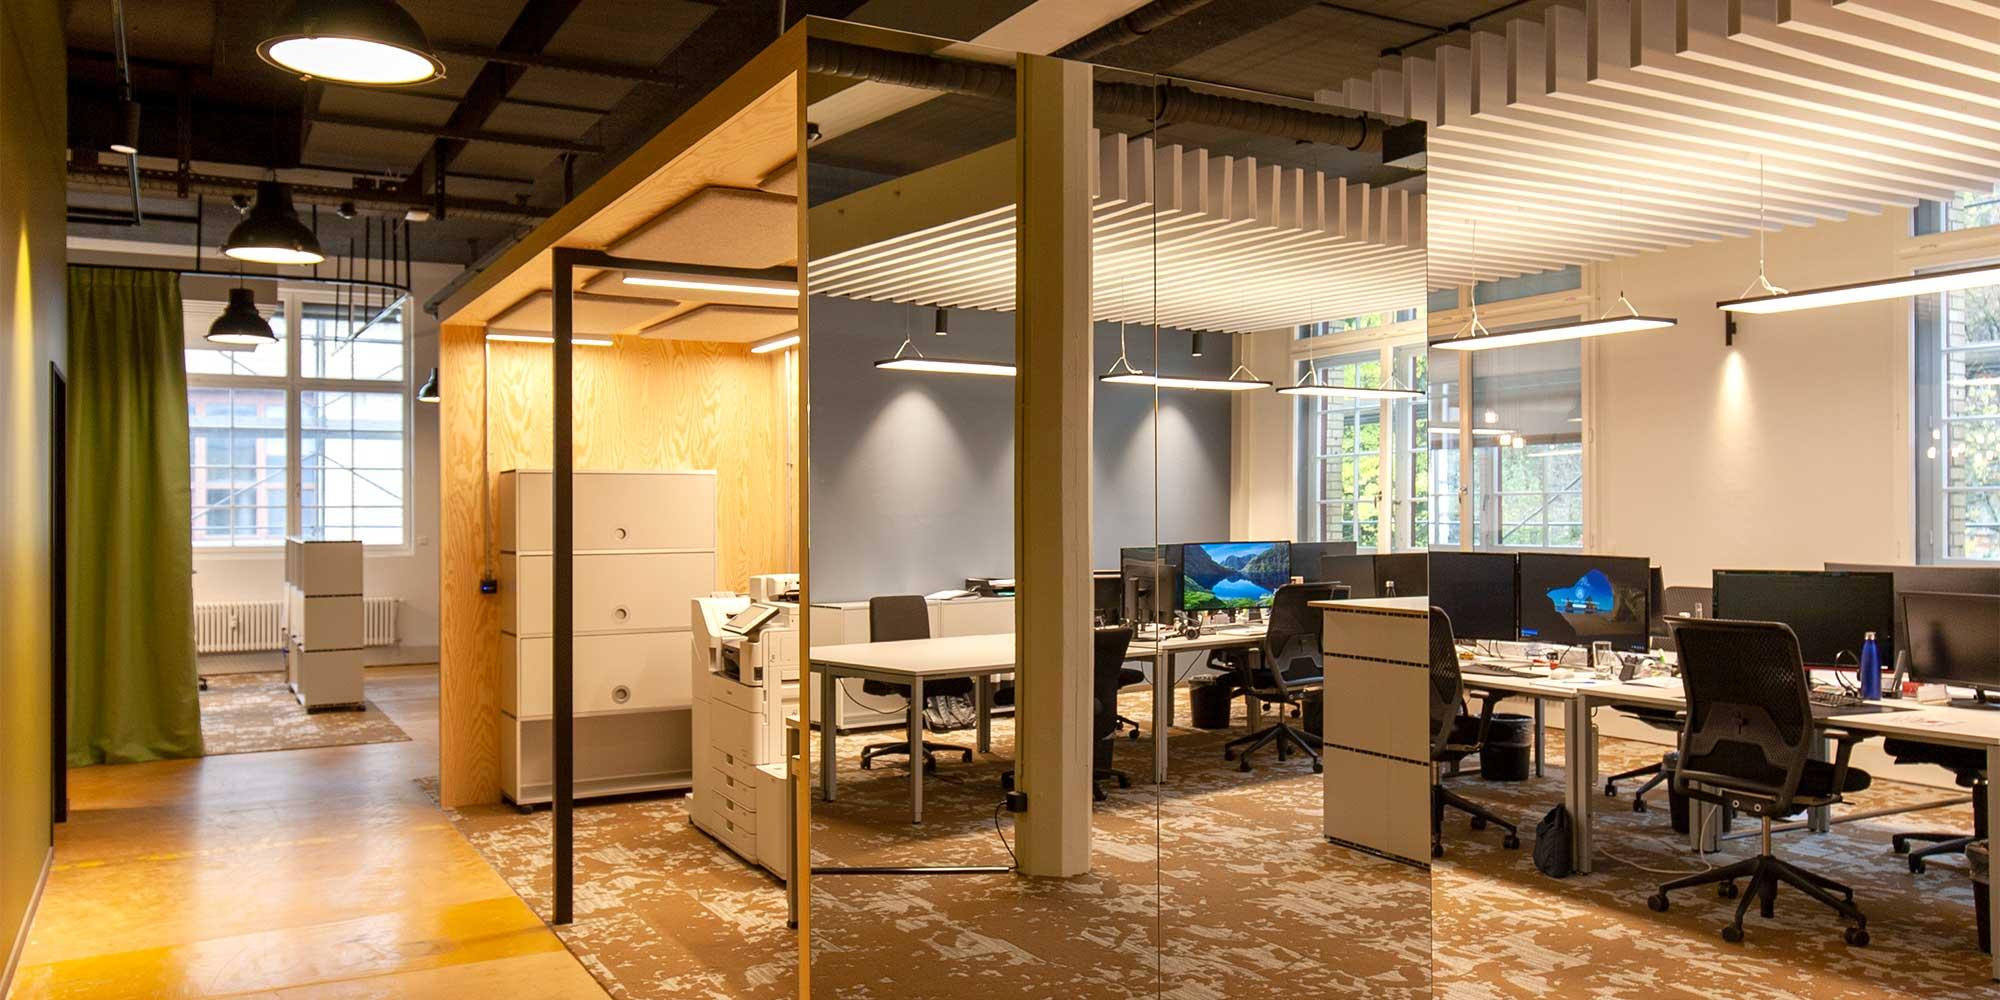 Das Grossraumbüro wird durch Spiegelglaswände abgetrennt. Arbeitsplätze werden perfekt mit den Cubic Langfeldleuchten ausgeleuchtet, Der Druckerraum ist mit Akkustikplatten an der Decke ausgestattet und passend dazu die Matric A1 Anbauleuchte. Der Gang mit Industrieleuchten ausgestattet.